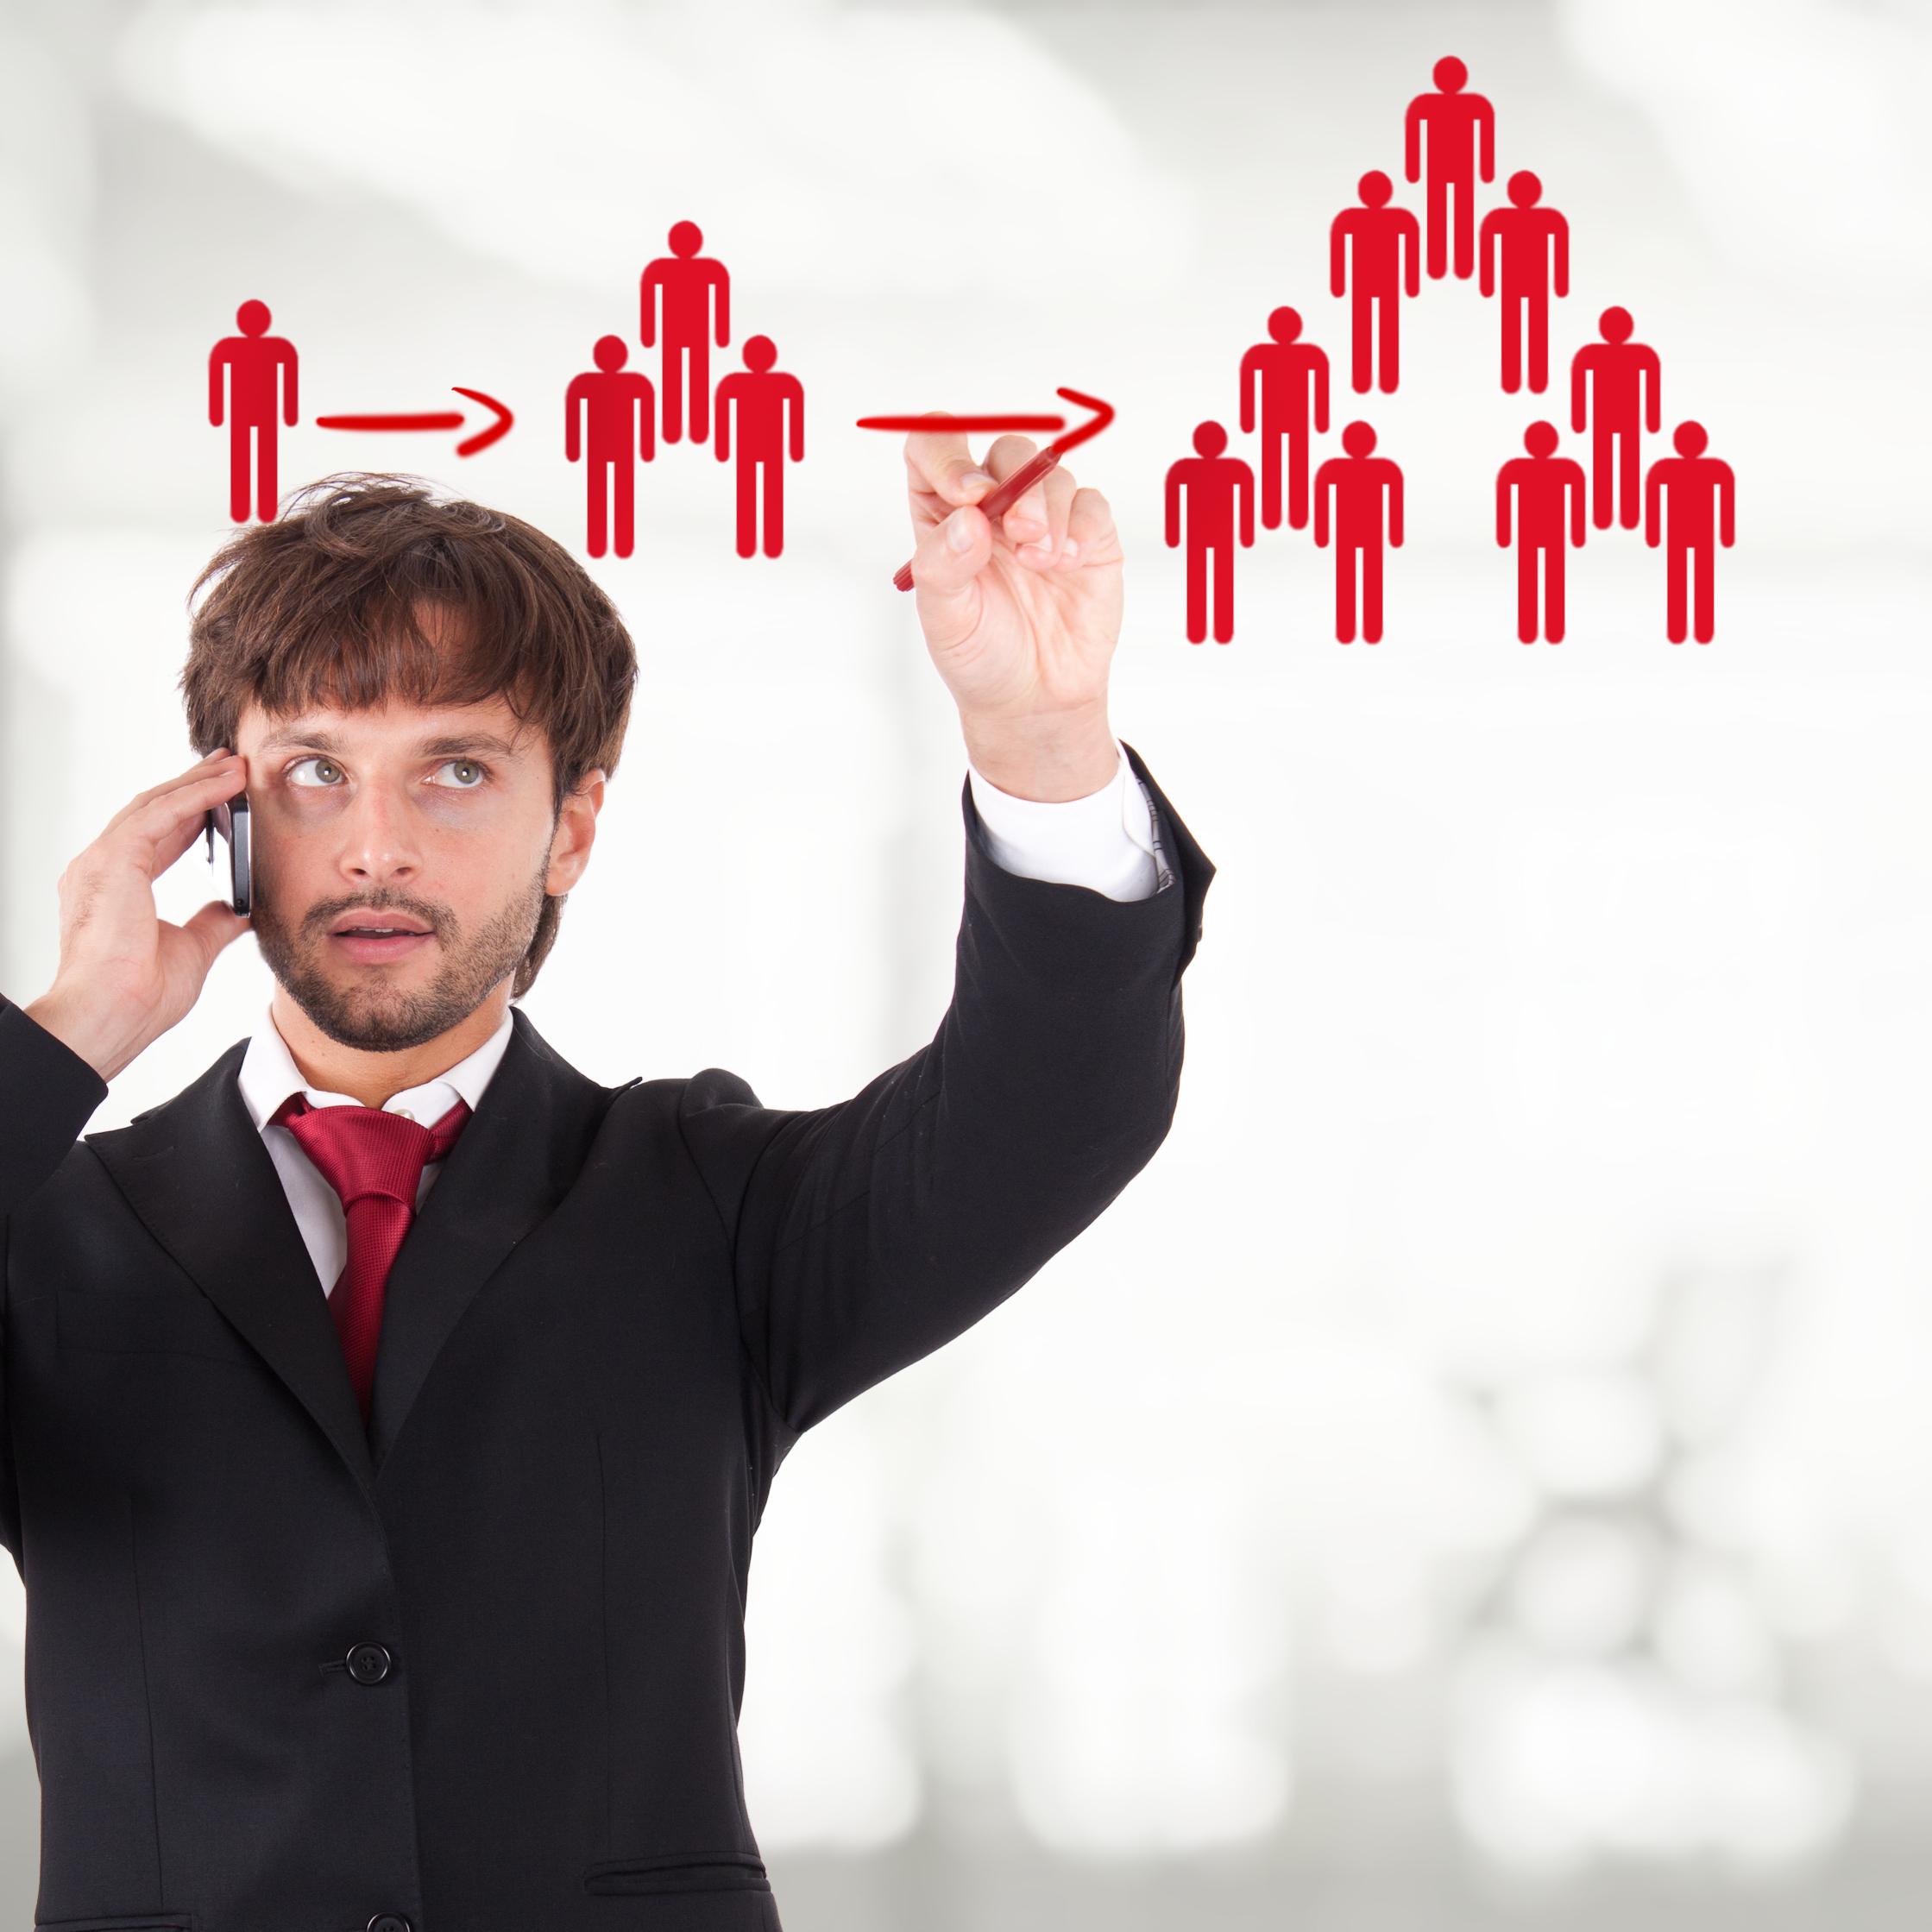 How Agencies Can Improve Marketing Proposal Processes